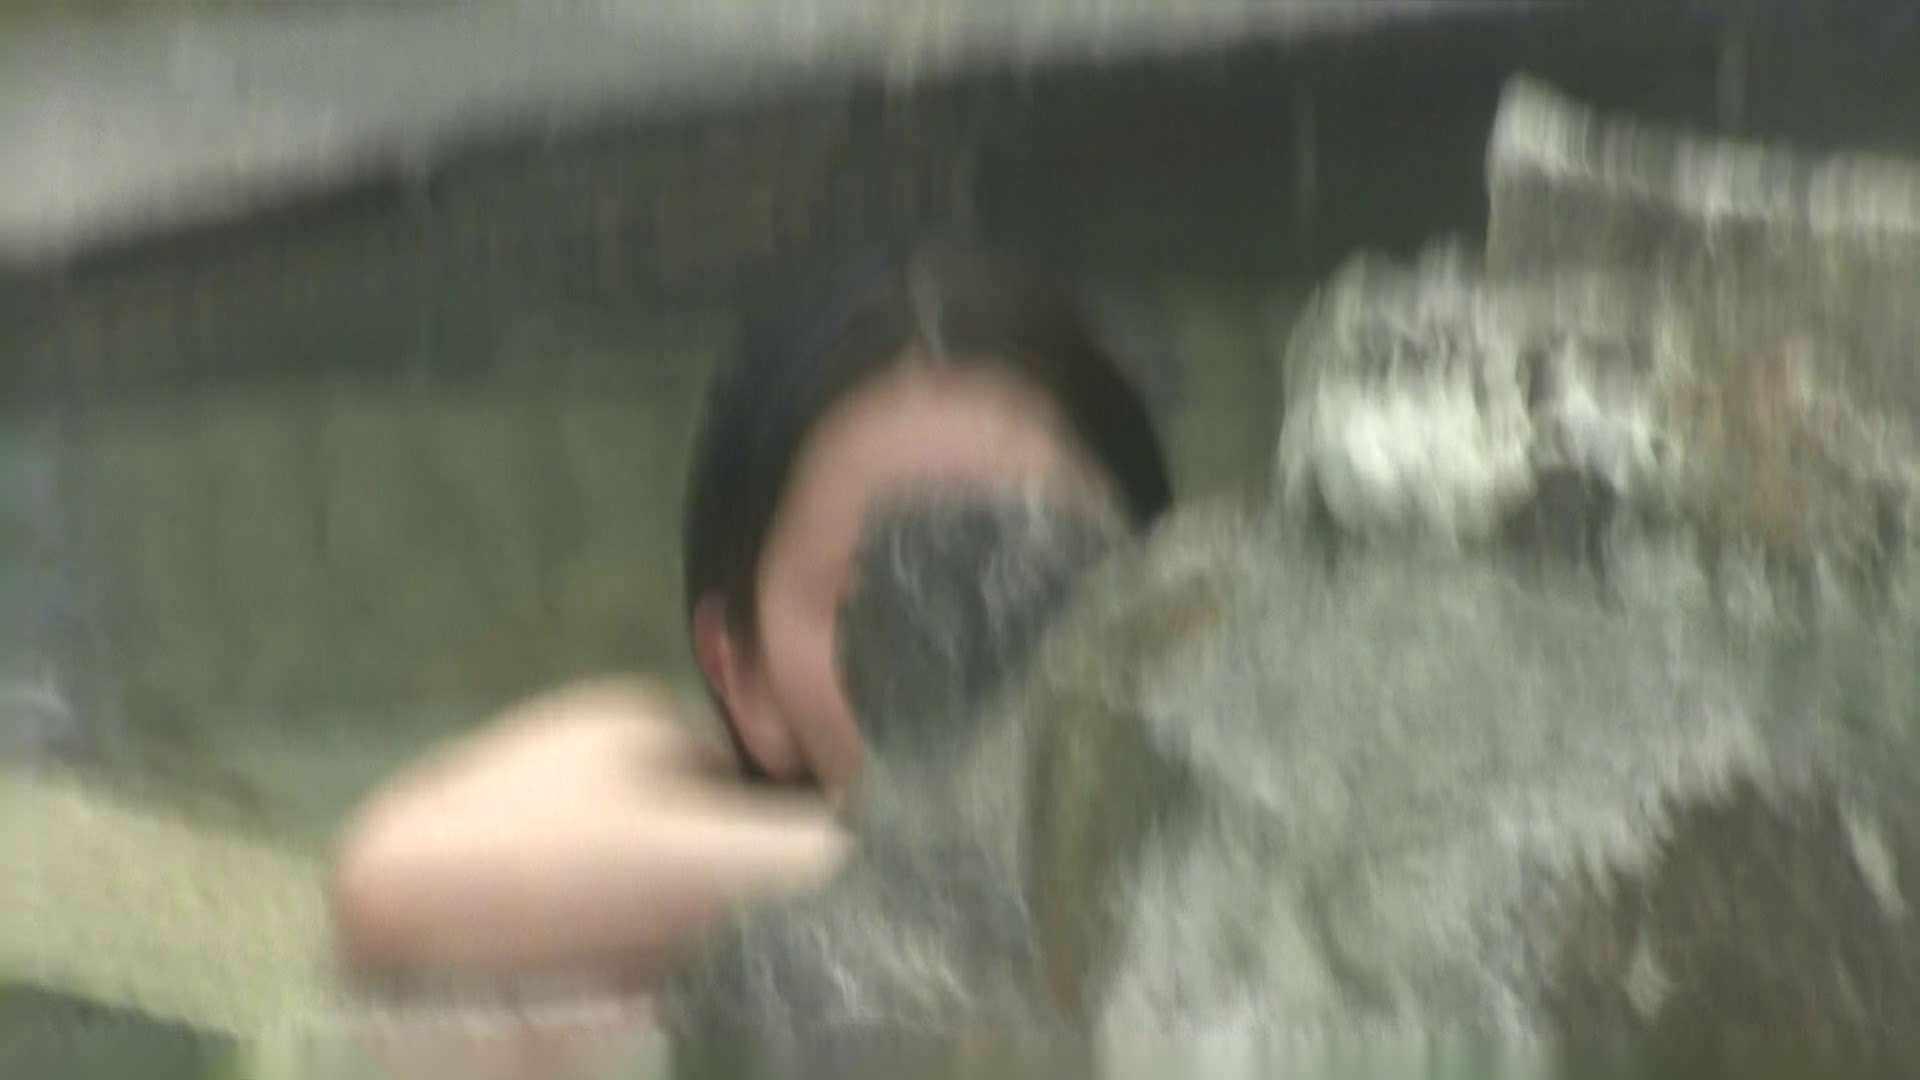 高画質露天女風呂観察 vol.040 乙女のエロ動画 濡れ場動画紹介 94PIX 10